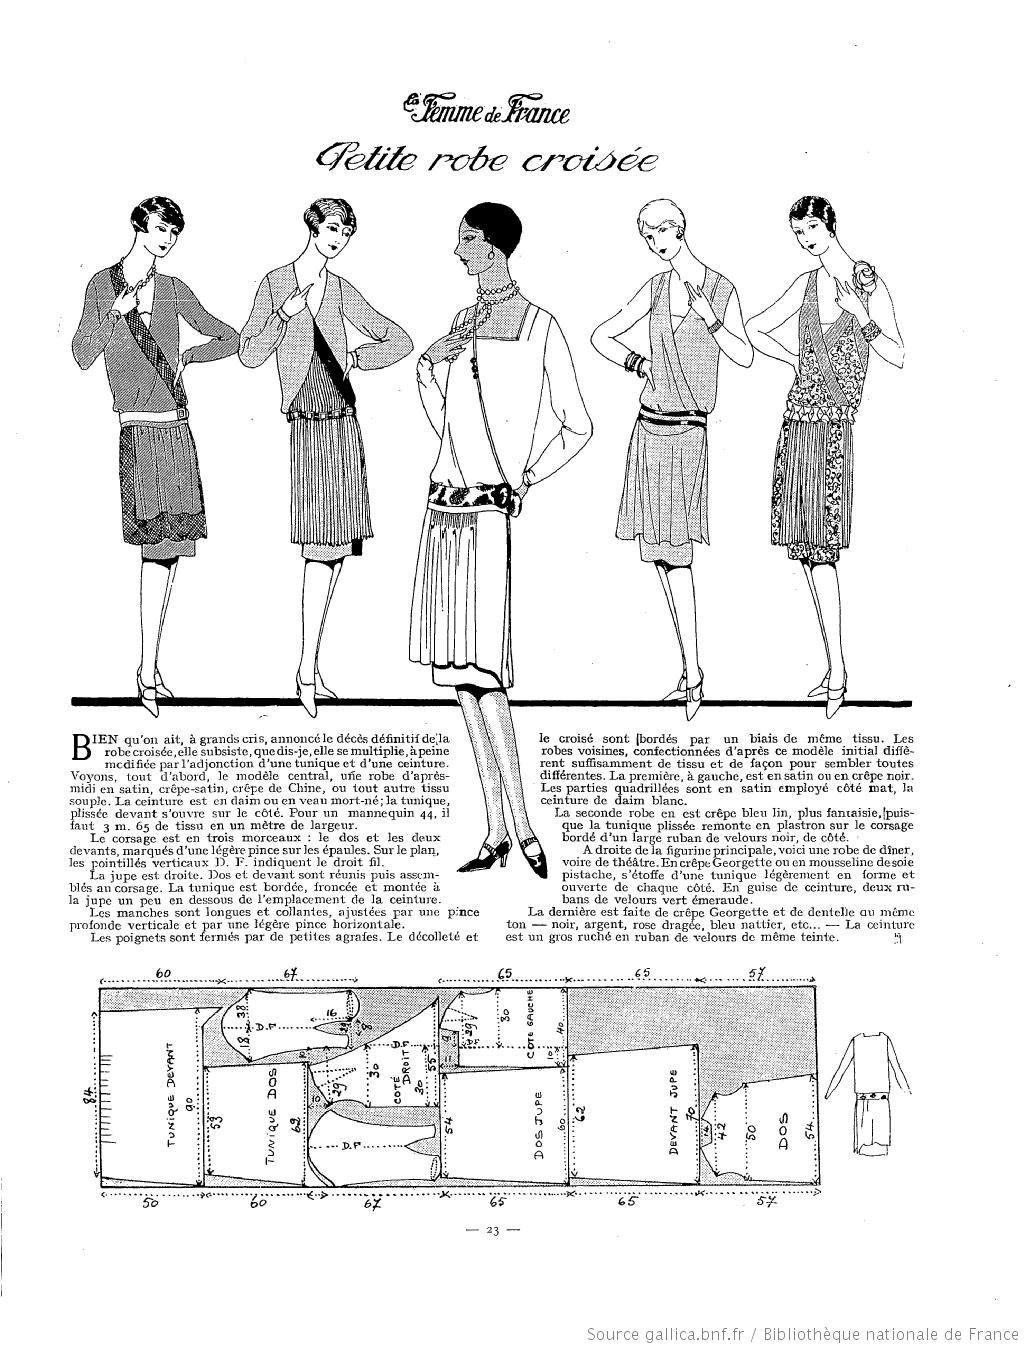 La Femme de France (1927) | 1920s Construction | Pinterest ...